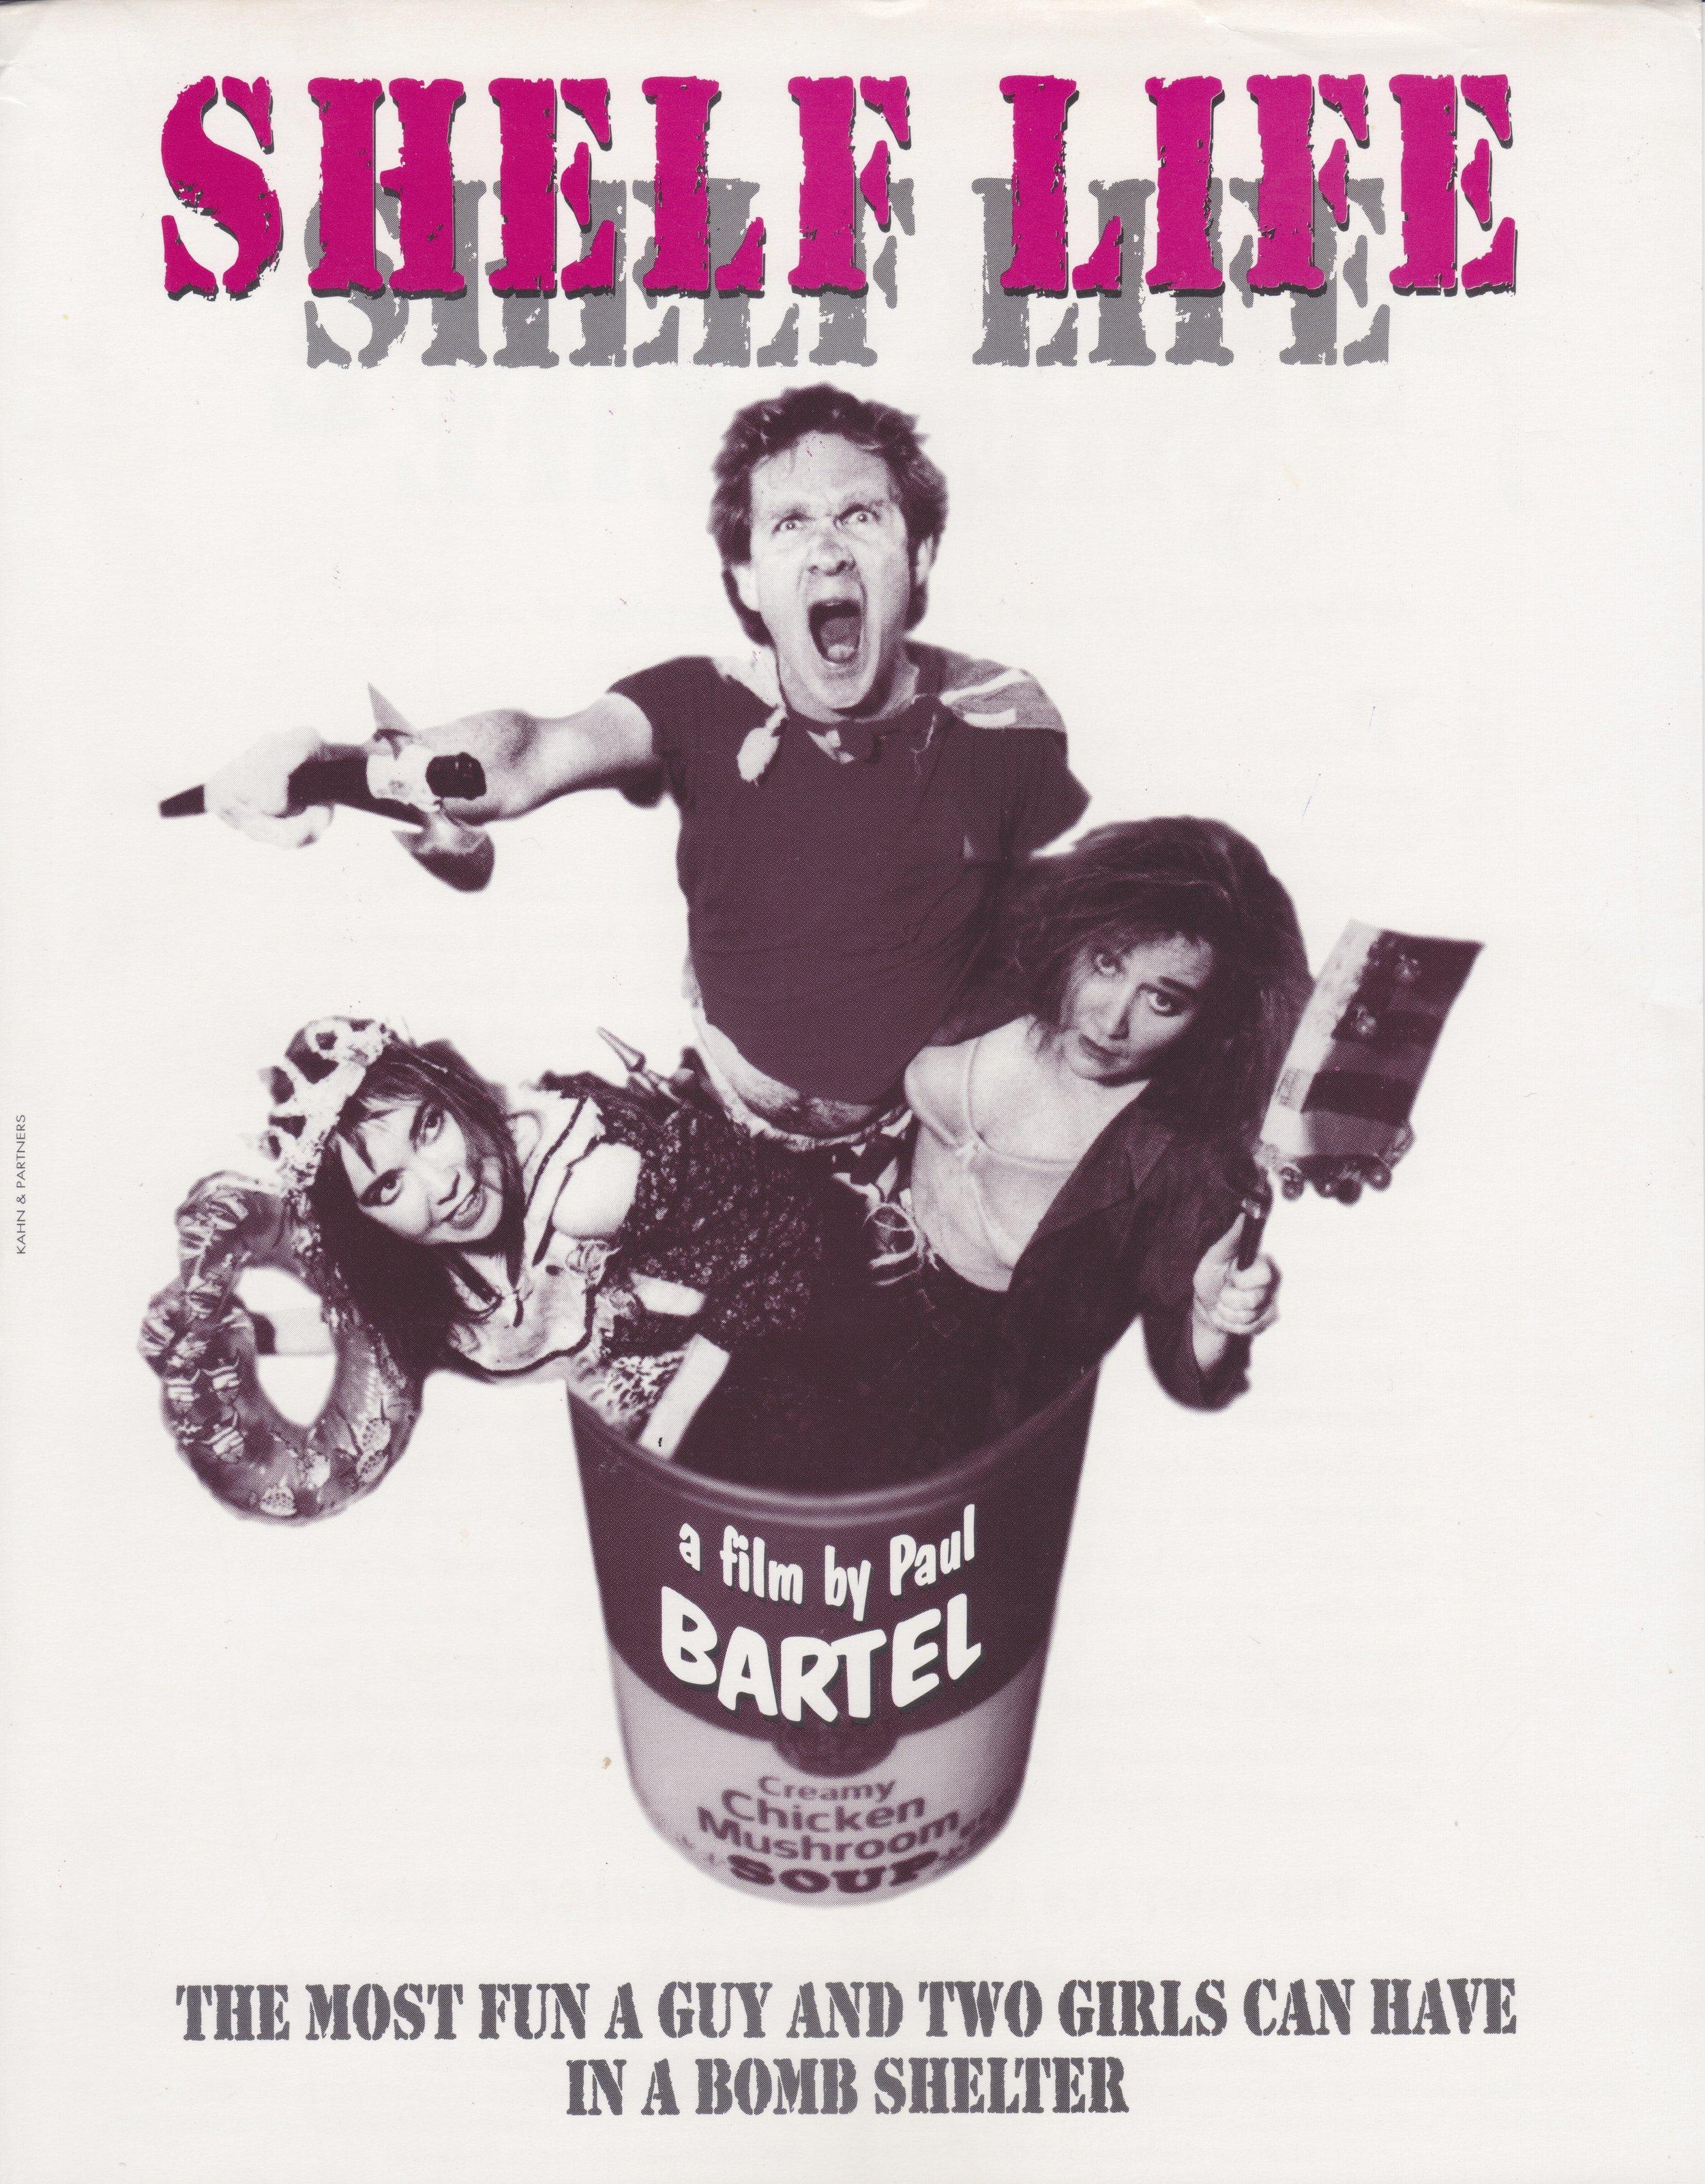 Shelf Life - Film Threat Ad_1.jpg